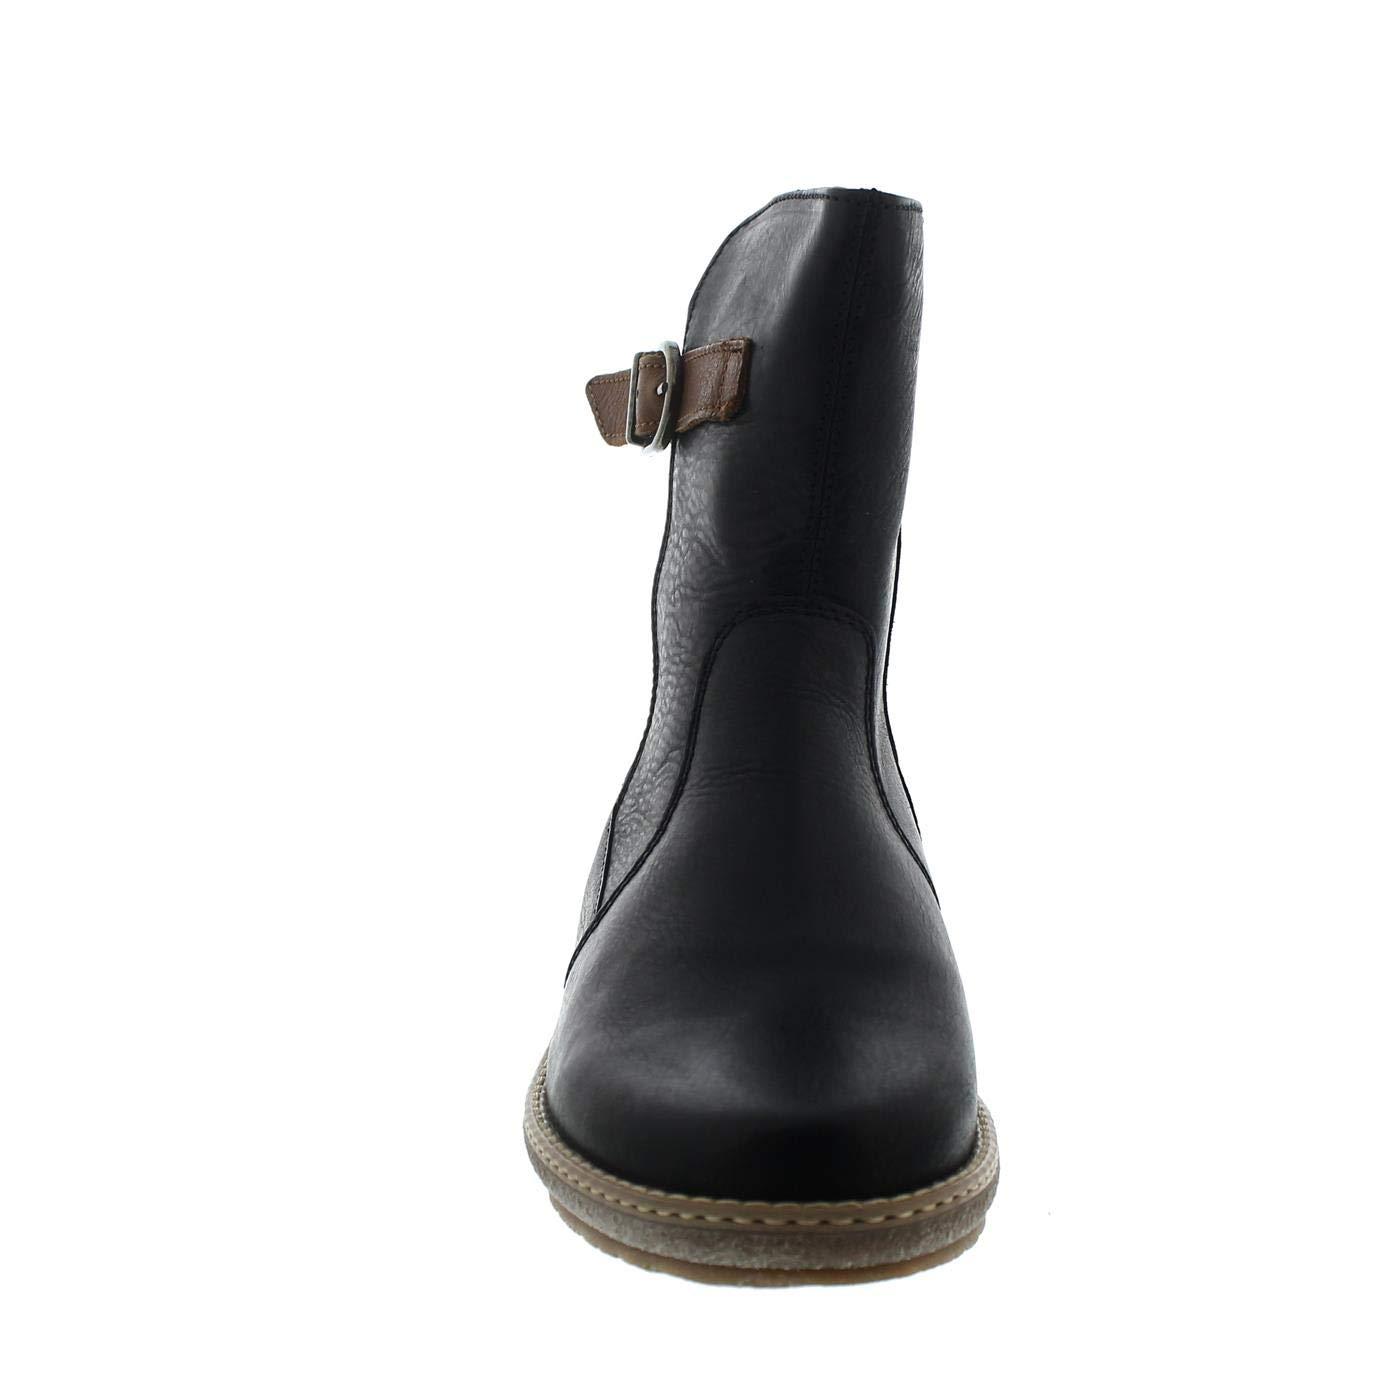 Waldläufer Hoja, Hoja, Hoja, 2X Houston (Glattleder), schwarz Cognac, echt Lammfell, Weite H 533913-201-594 54cf53